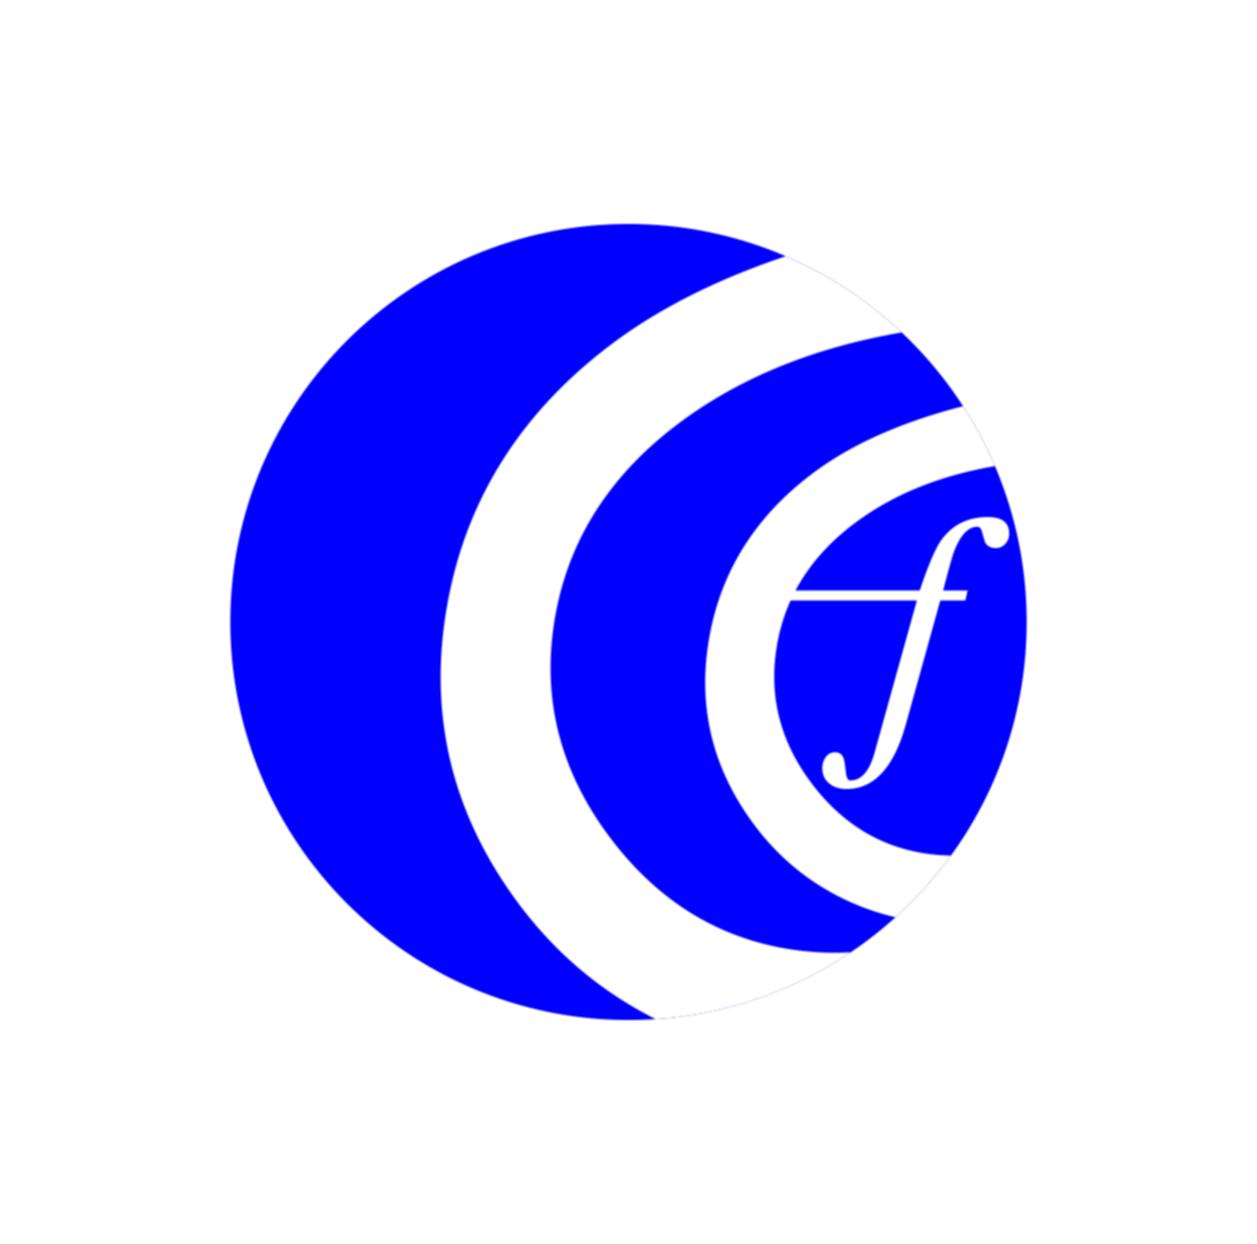 cool freez - logo